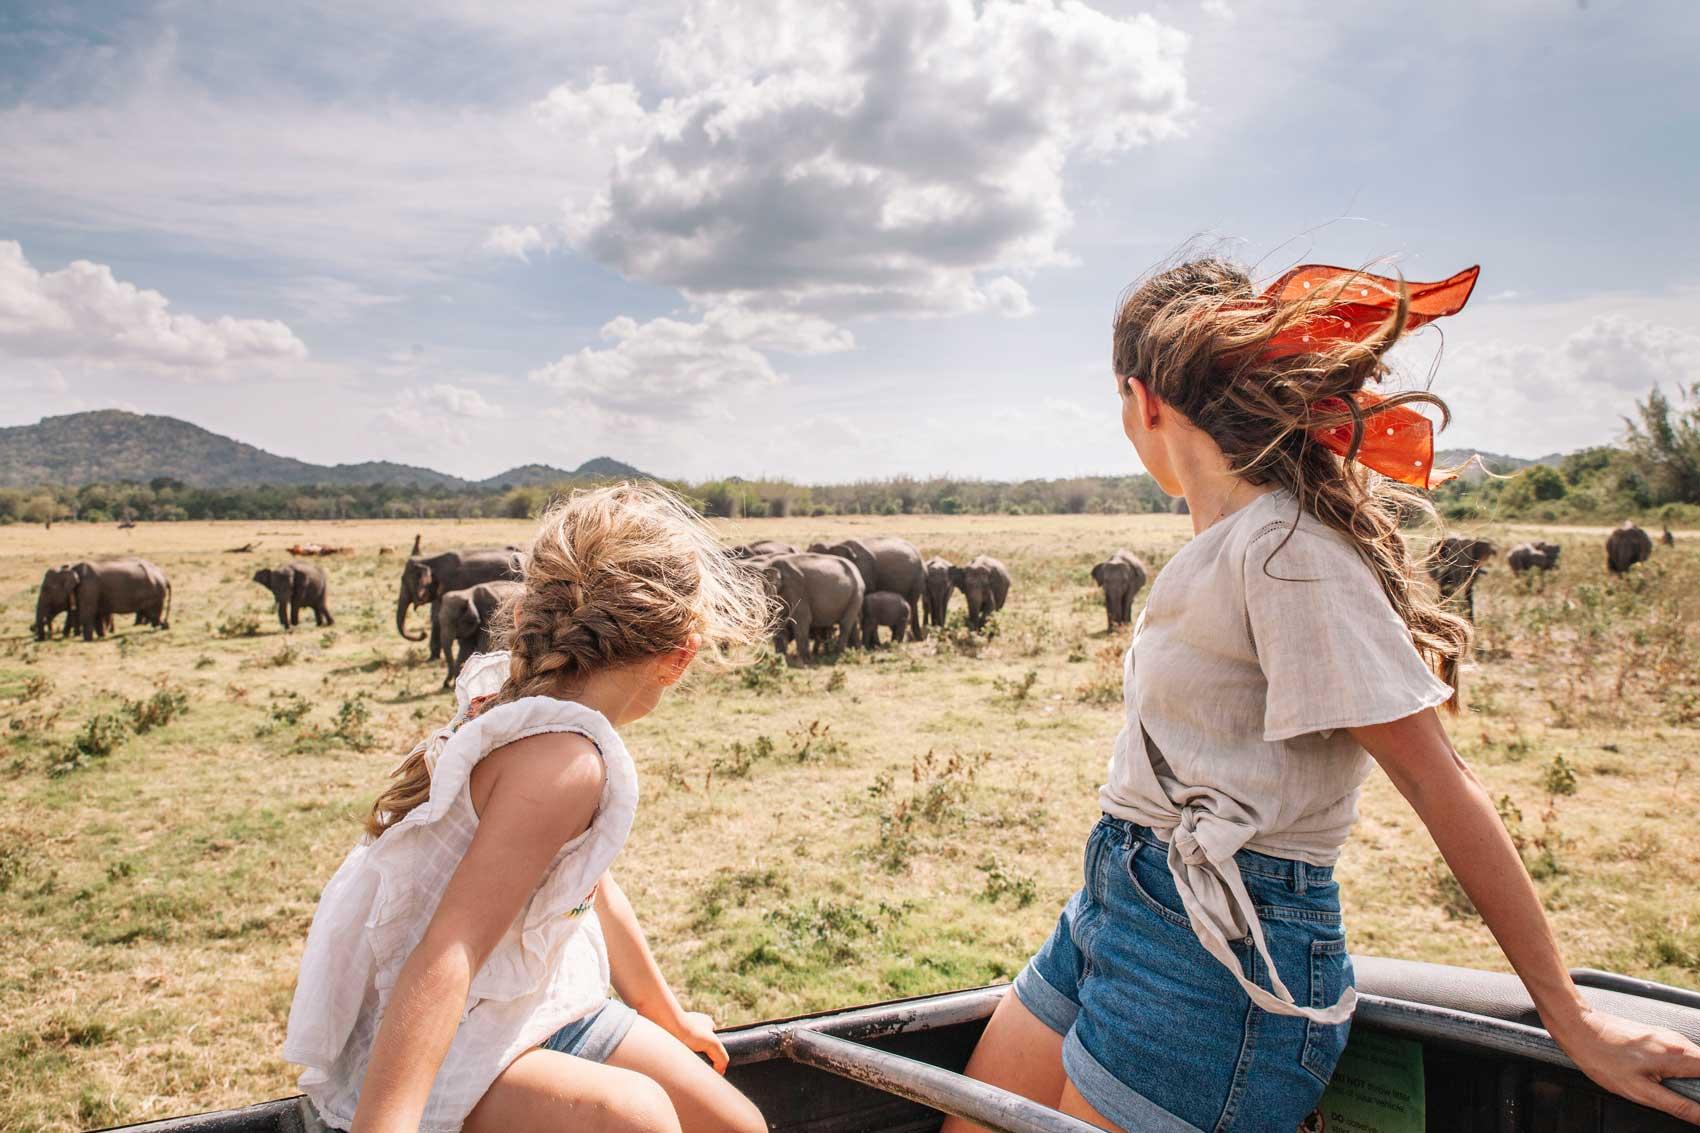 Viaje a Sri Lanka - Itinerario de viaje en familia